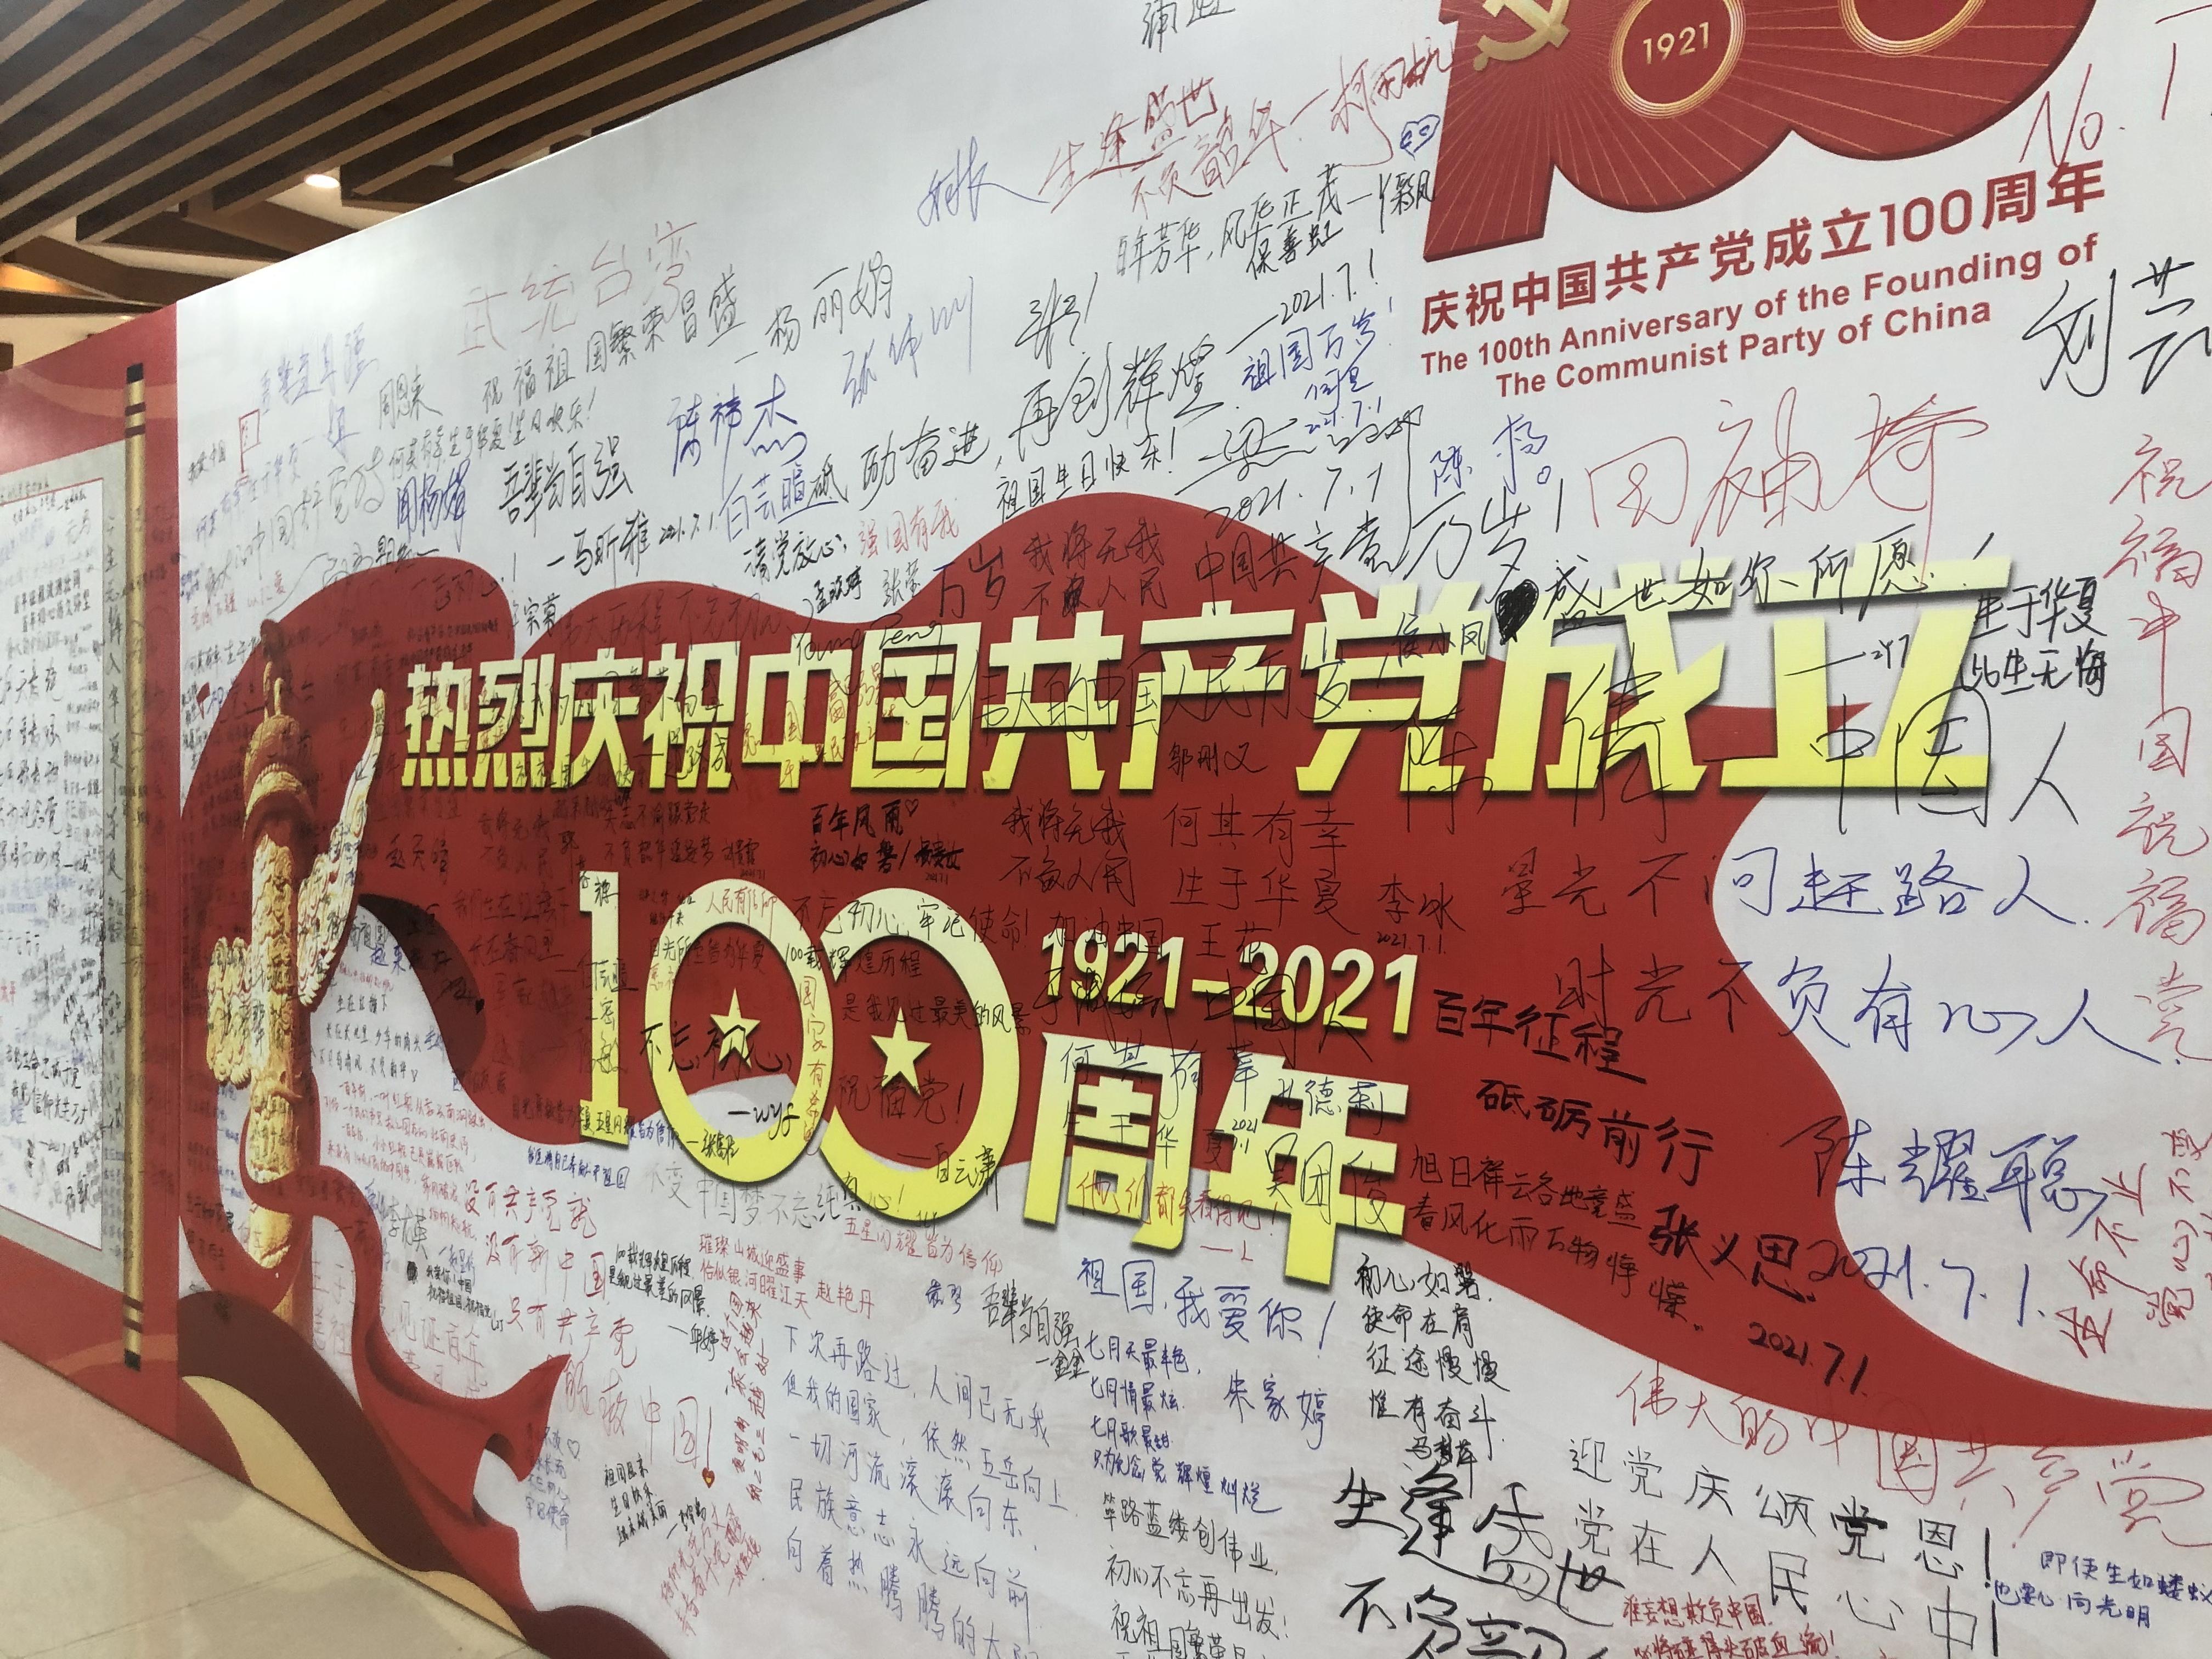 为庆祝中国共产党成立一百周年我校艺术传媒学院特别庆祝活动